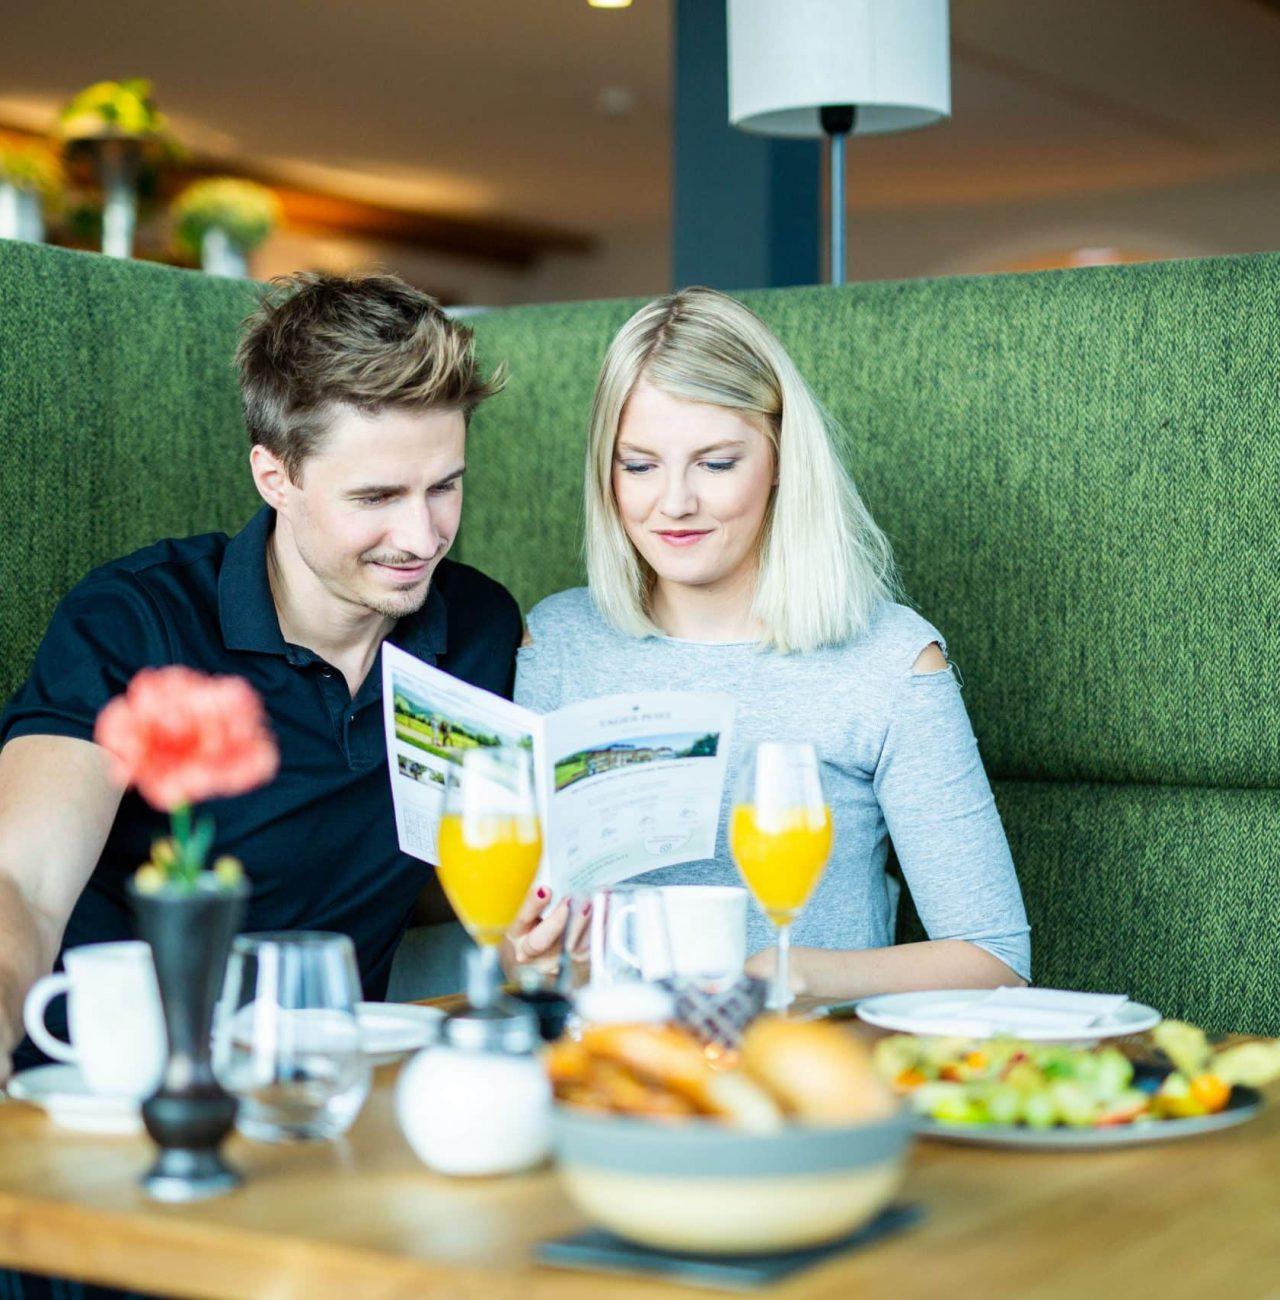 Pärchen liest Hotelzeitung von Gastfreund am Frühstückstisch im Hotel